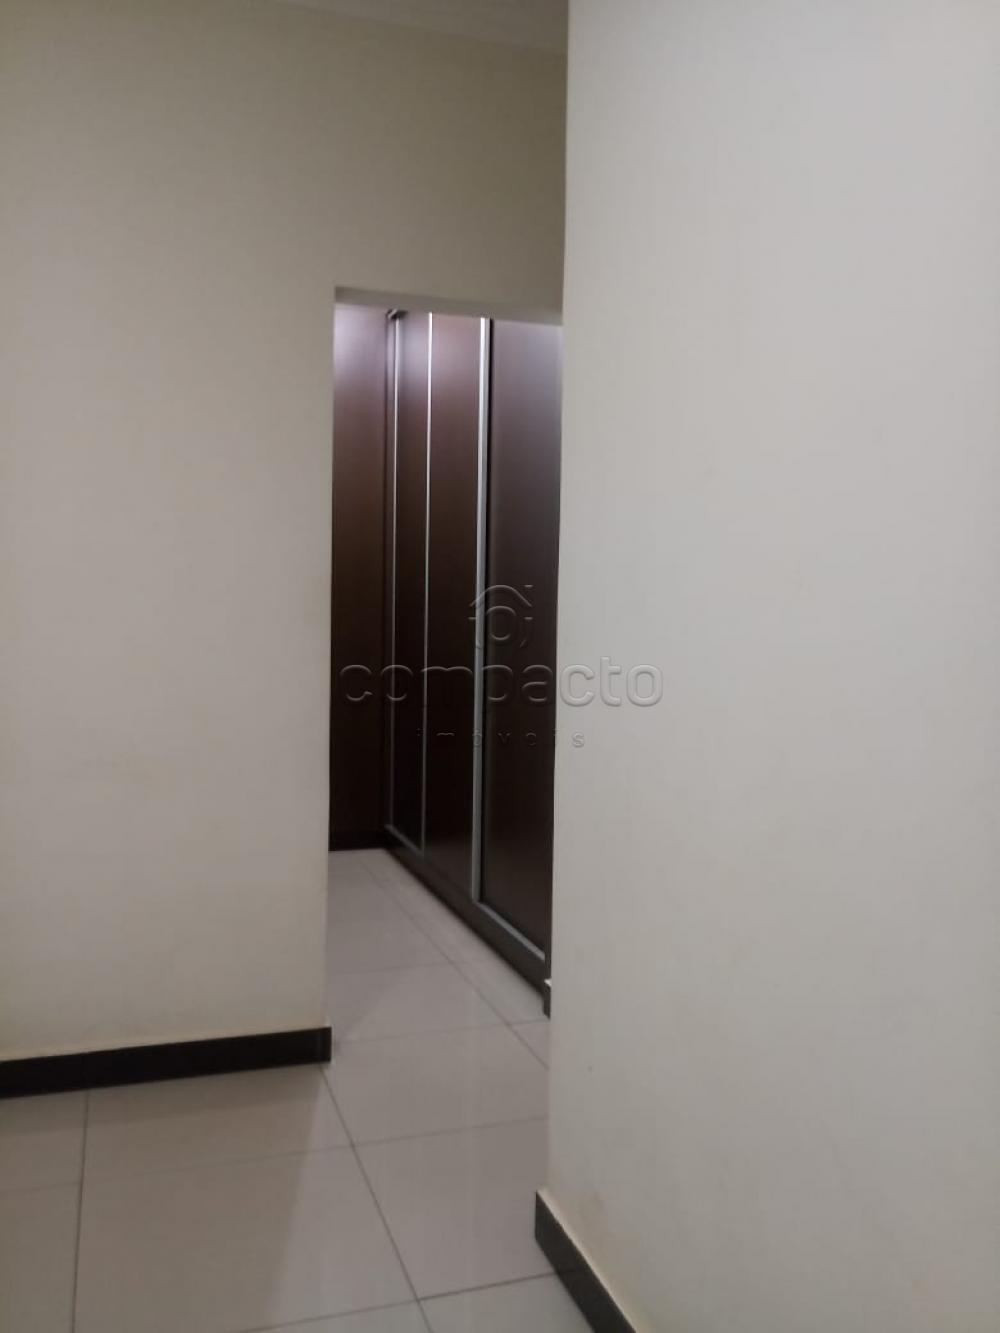 Comprar Casa / Condomínio em São José do Rio Preto apenas R$ 780.000,00 - Foto 11